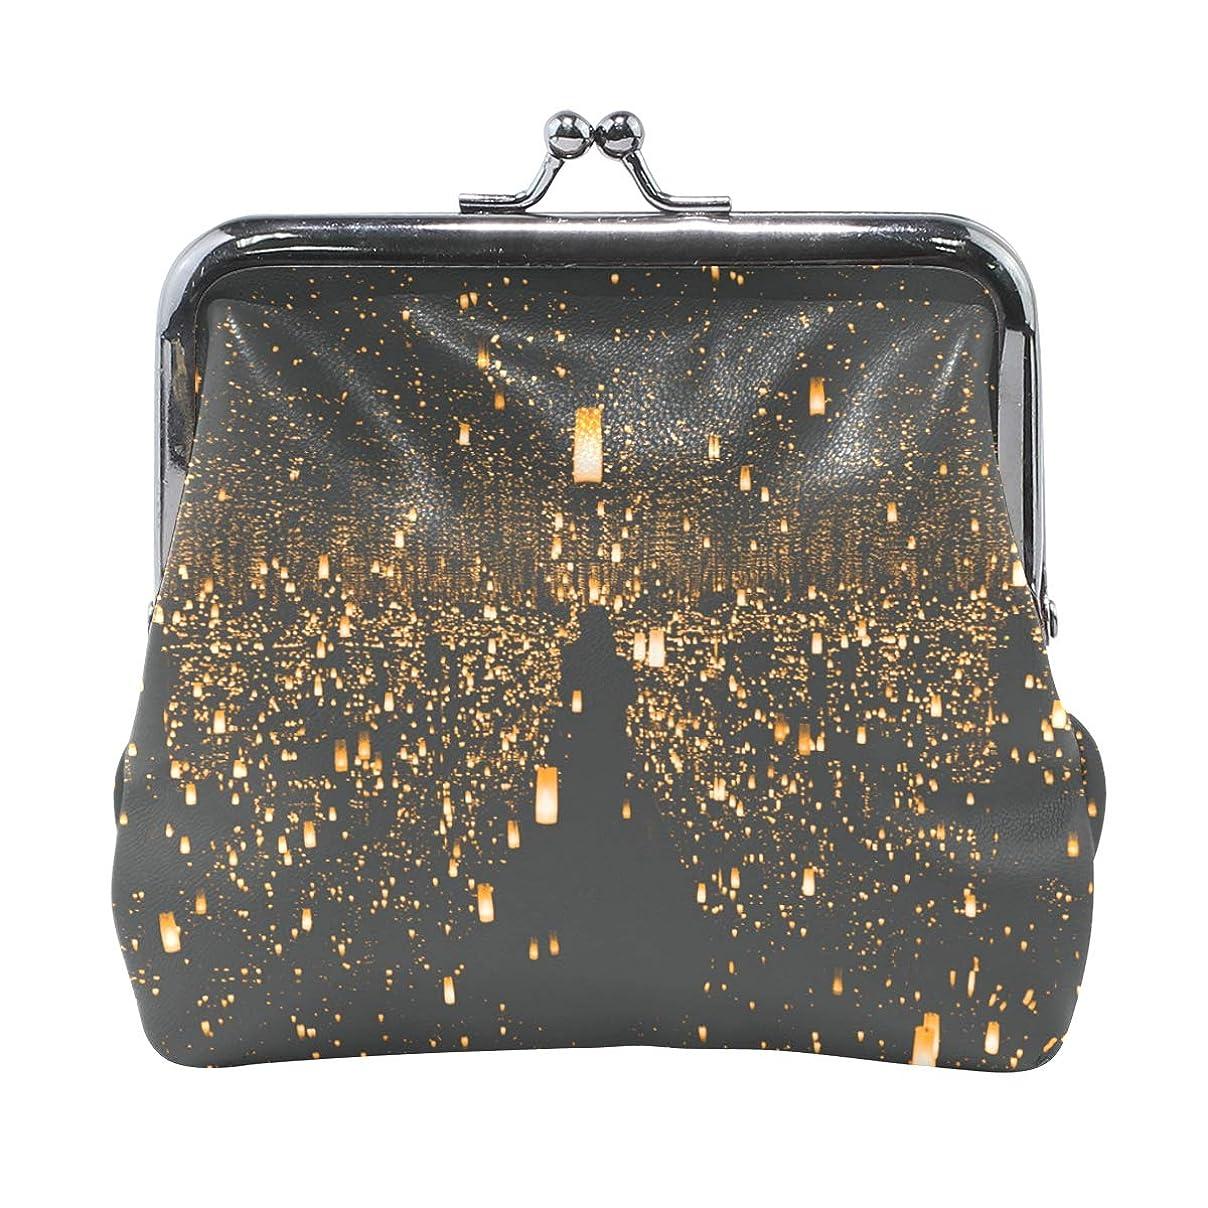 負秋炎上がま口 財布 口金 小銭入れ ポーチ ライト 光 ANNSIN バッグ かわいい 高級レザー レディース プレゼント ほど良いサイズ